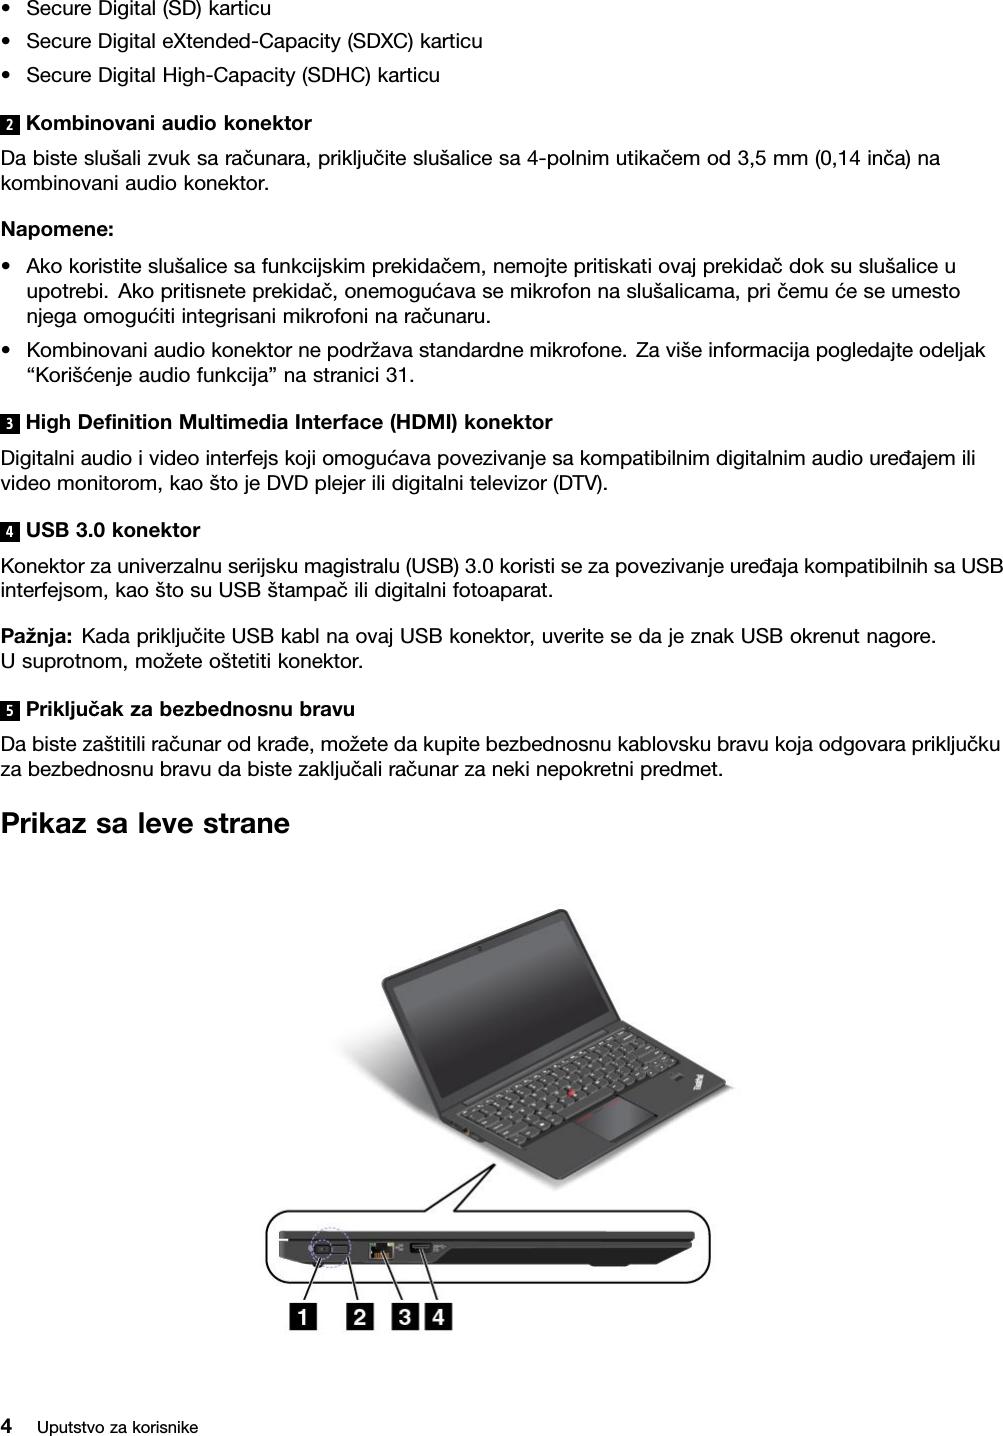 Lenovo S440 Ug La Rs User Manual (Serbian) Guide Think Pad